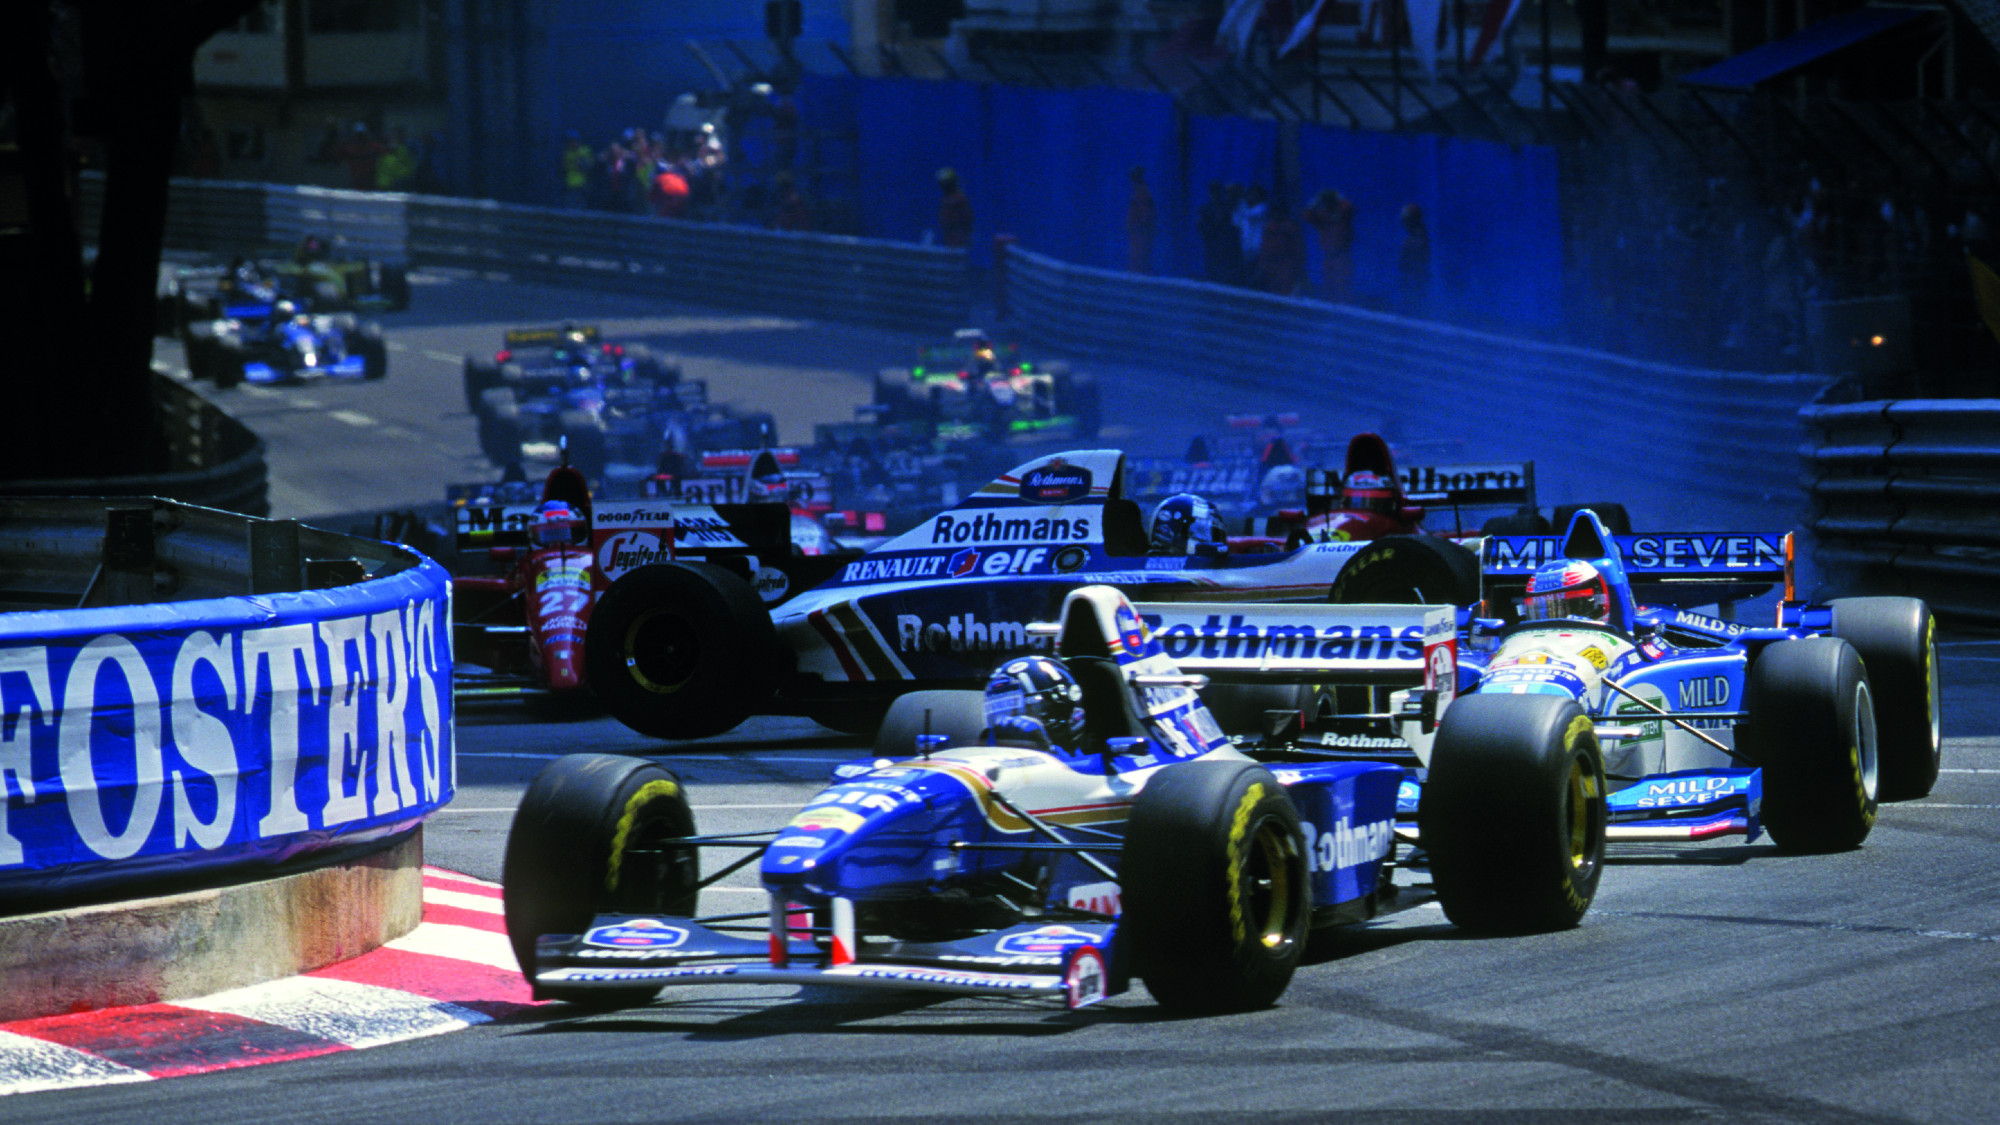 Damon Hill, Monaco GP 1995